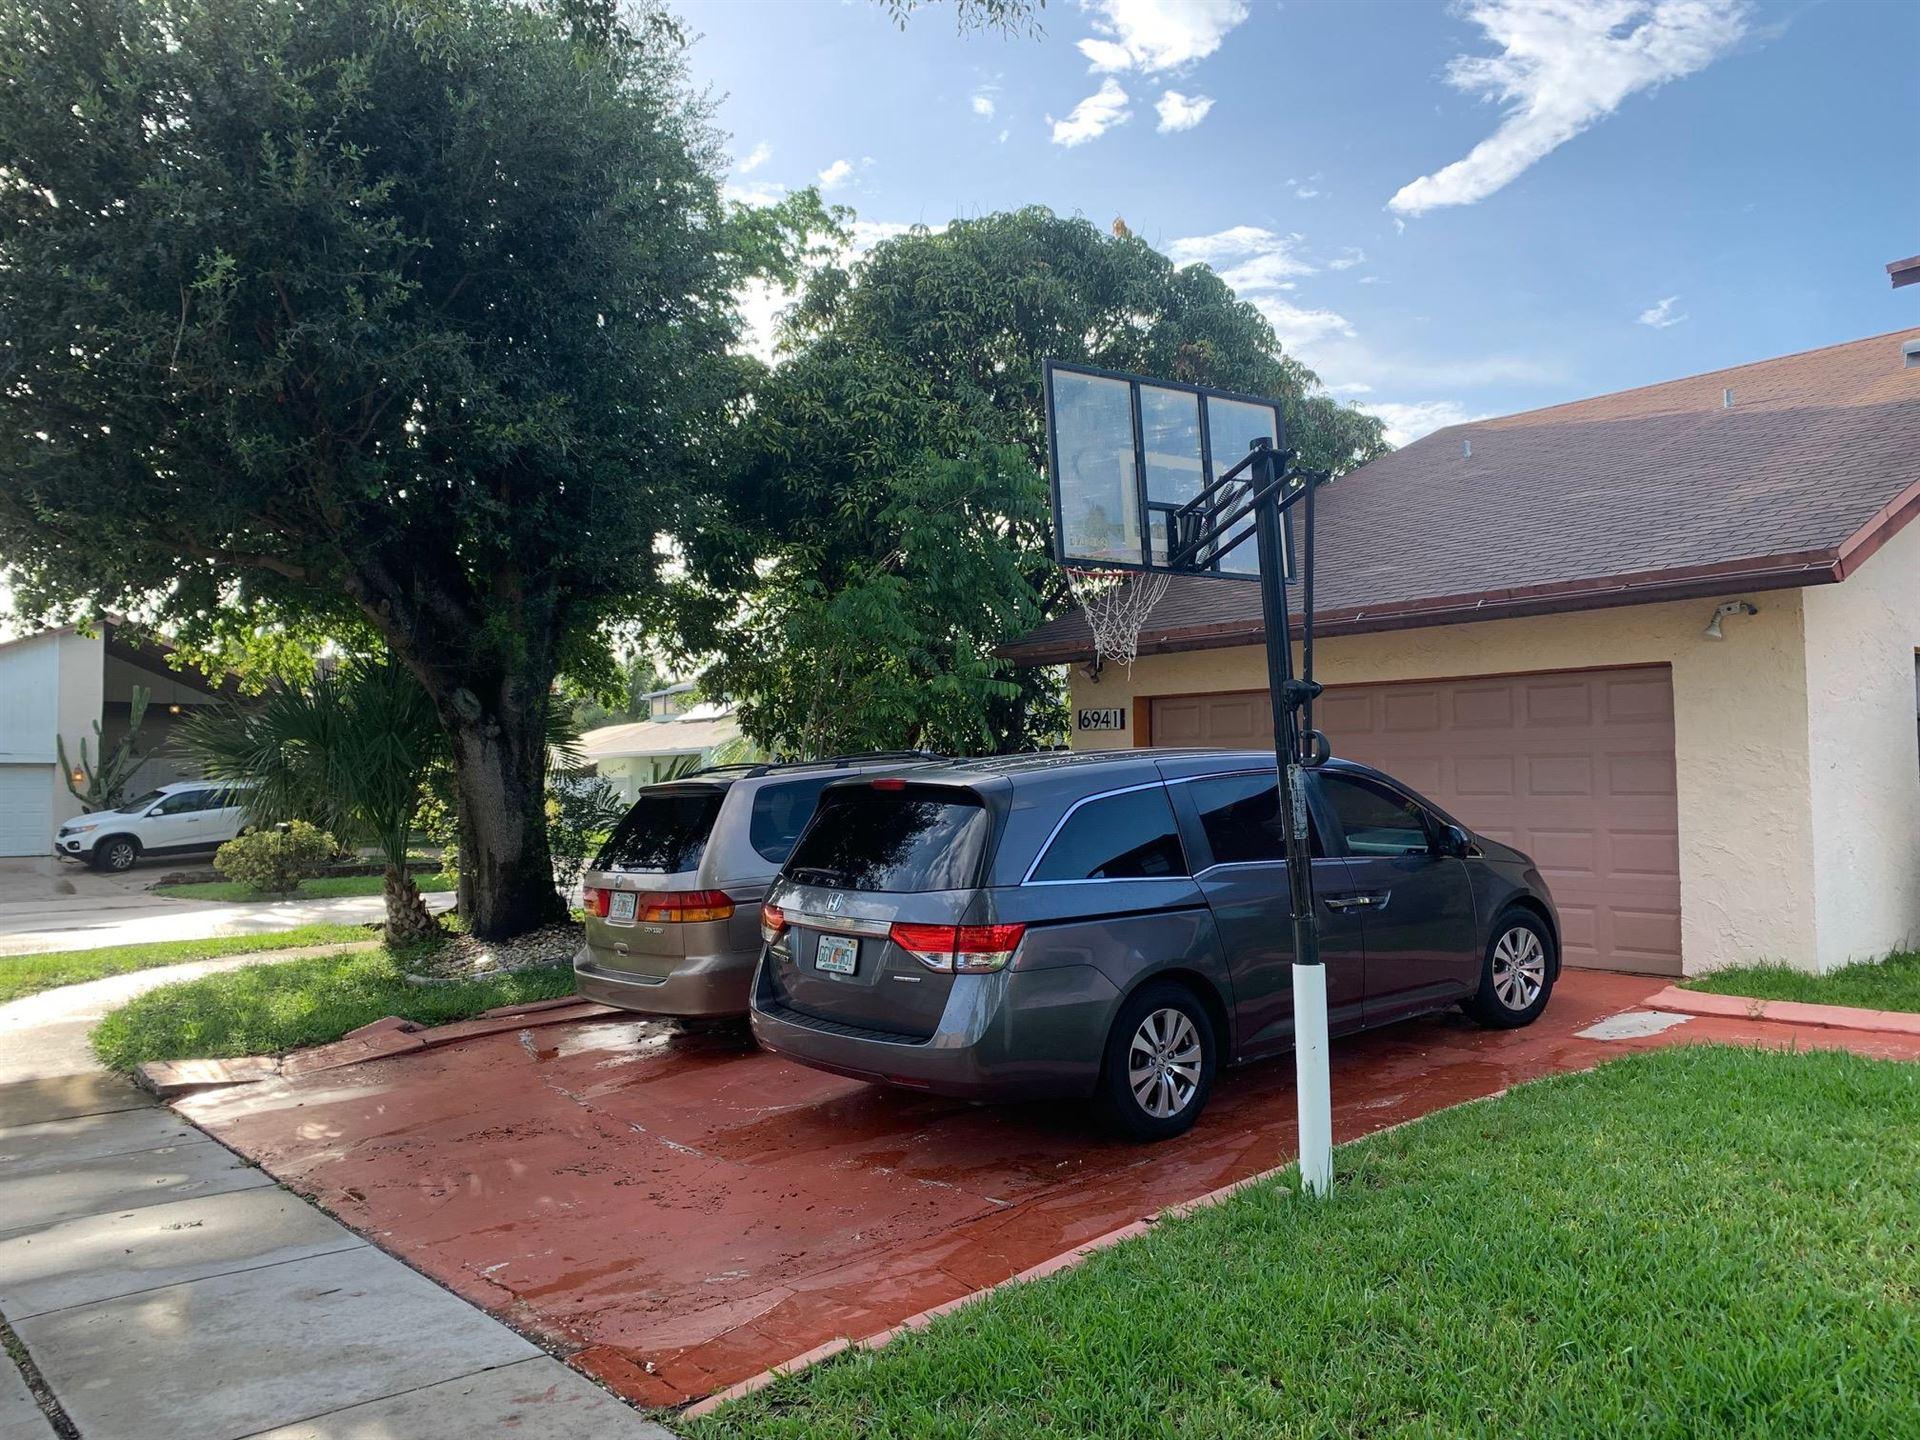 Photo of 6941 NW 45th Street, Lauderhill, FL 33319 (MLS # RX-10736345)